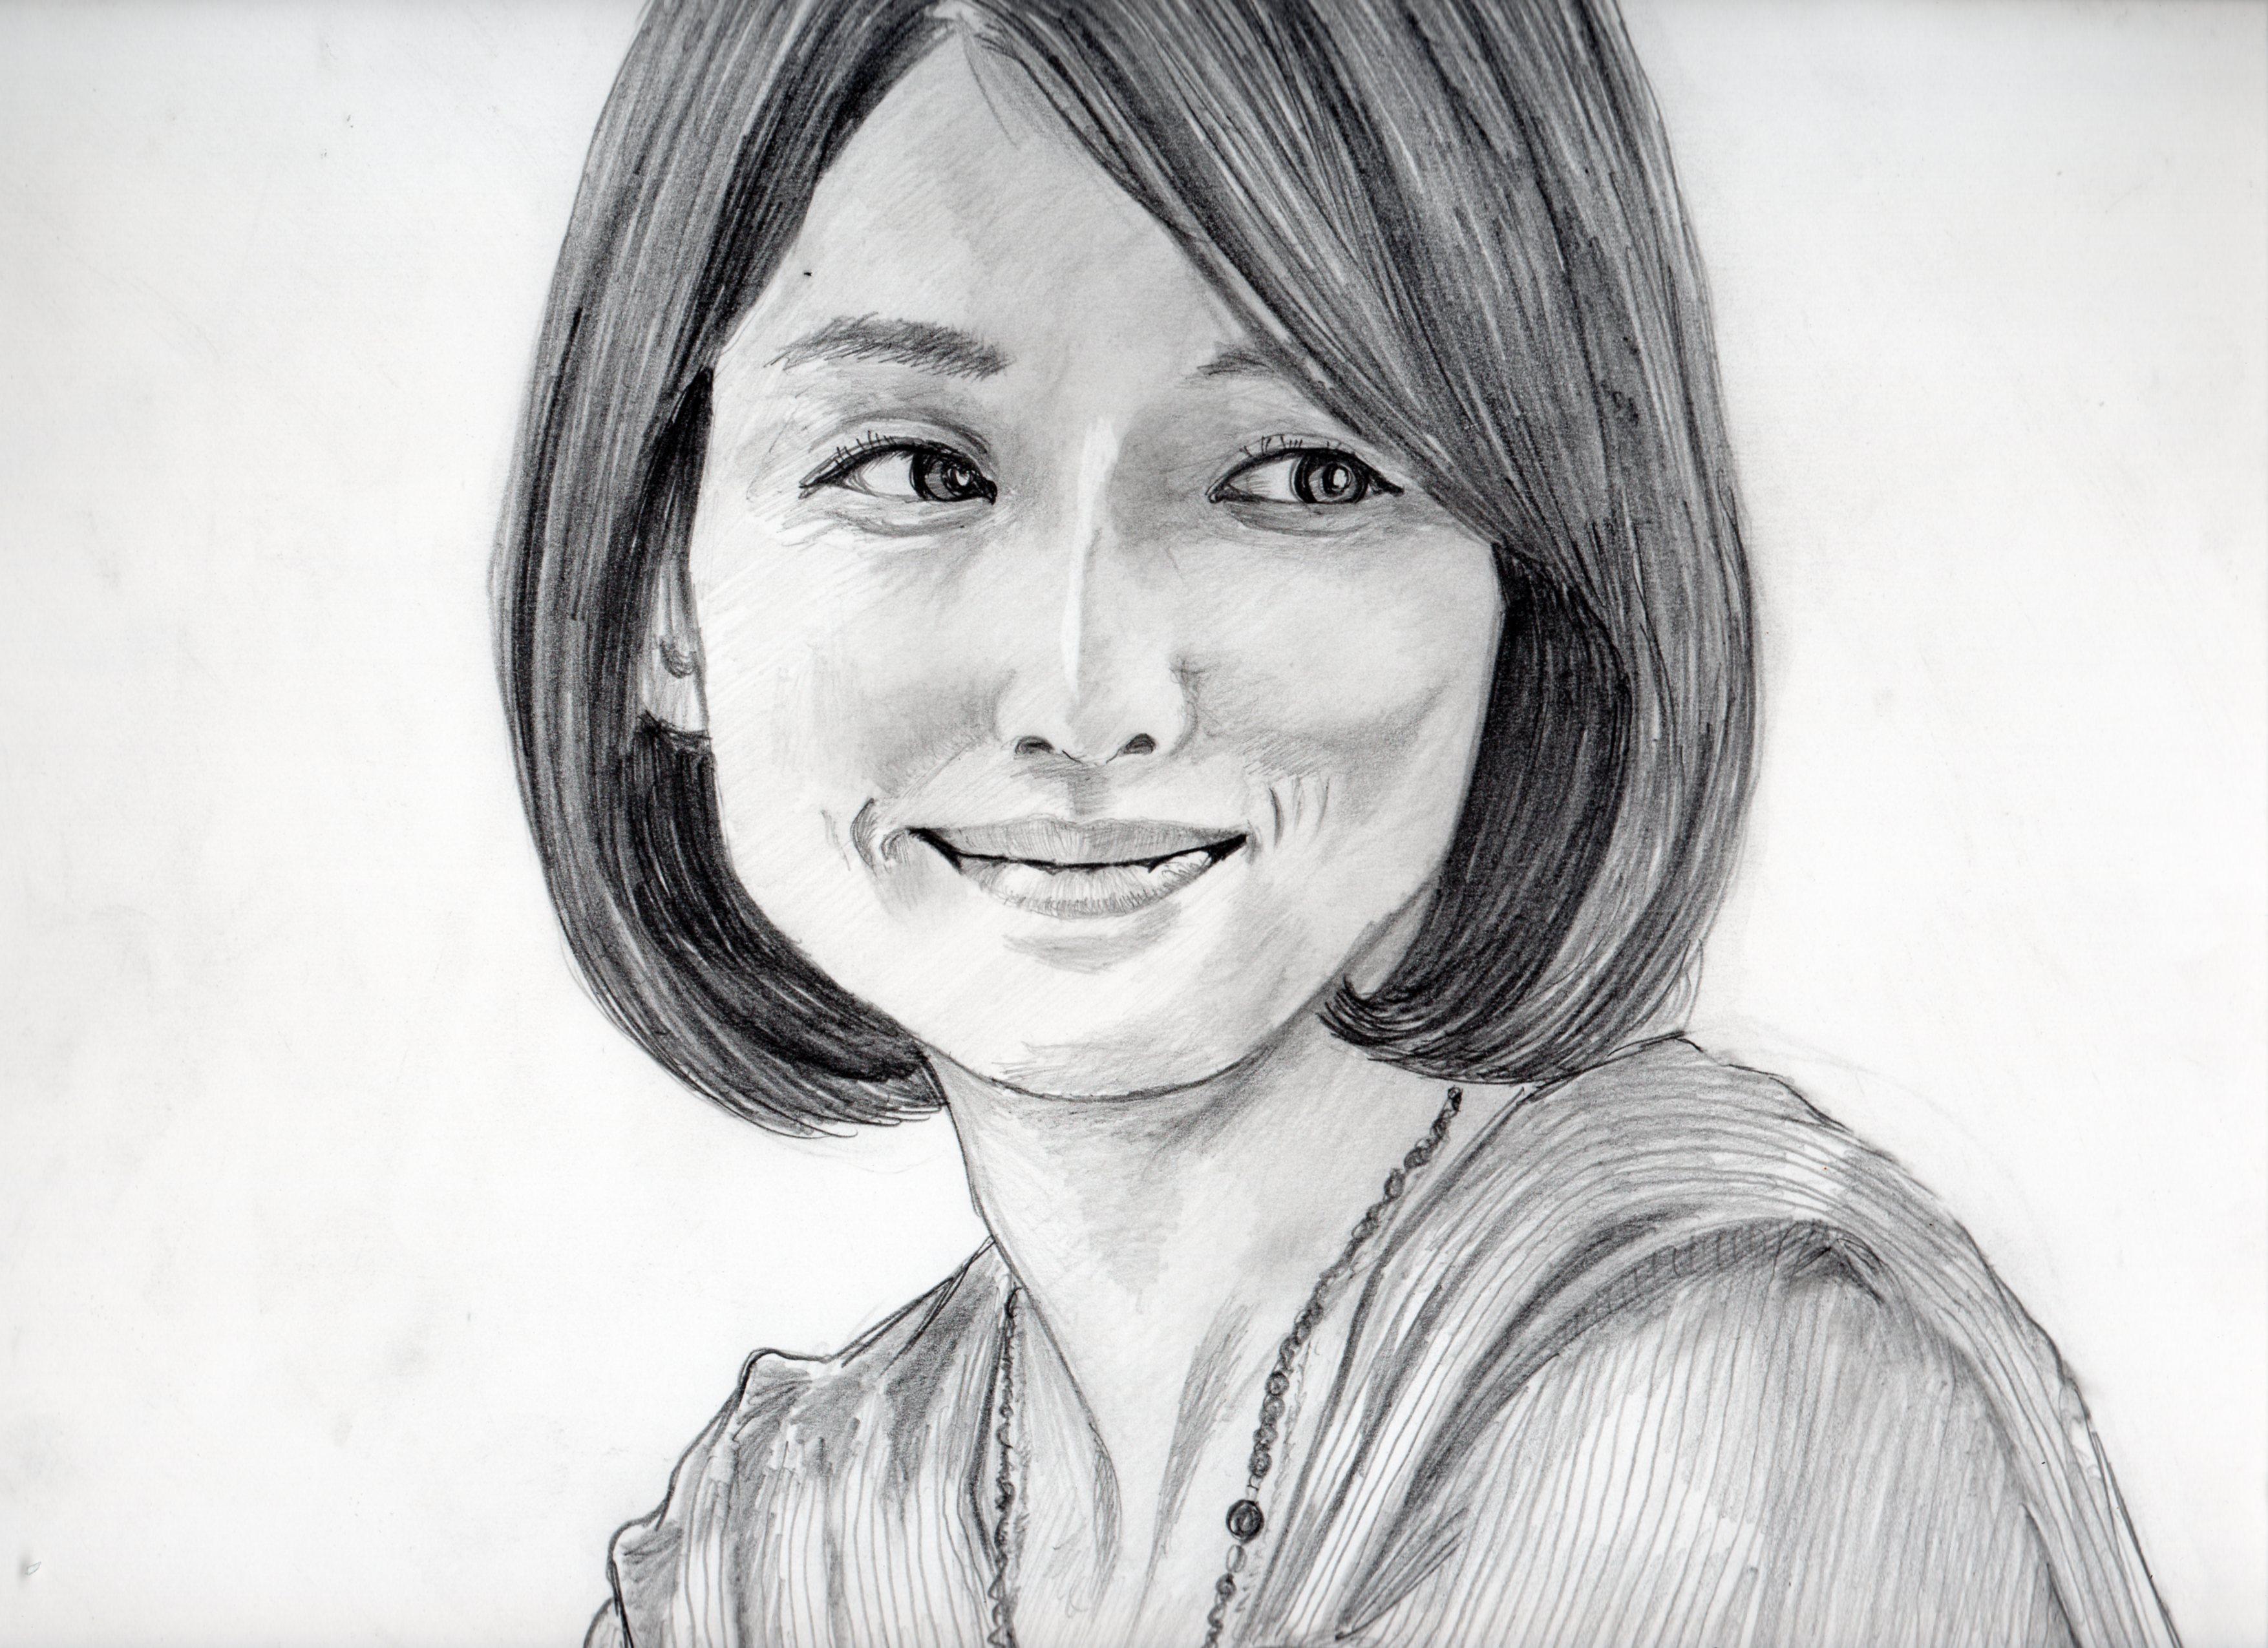 石田ゆり子の鉛筆画似顔絵、石田ゆり子のリアル鉛筆画似顔絵